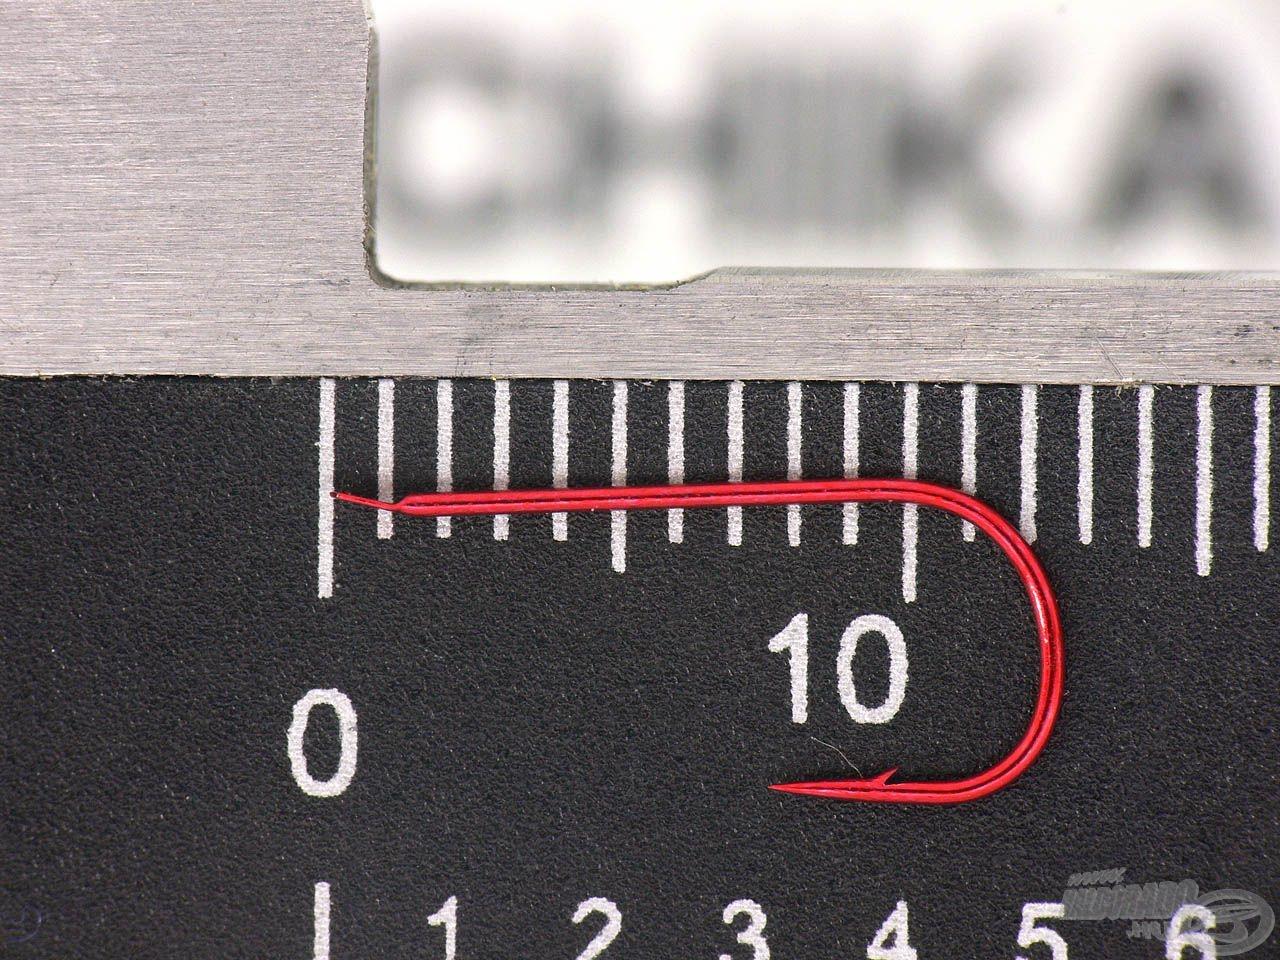 E típusnak az öbléhez képest nagyon hosszú szára van, így sokkal gyorsabb vele a csalizás, hiszen egyszerűbben meg lehet fogni még kis méretben is